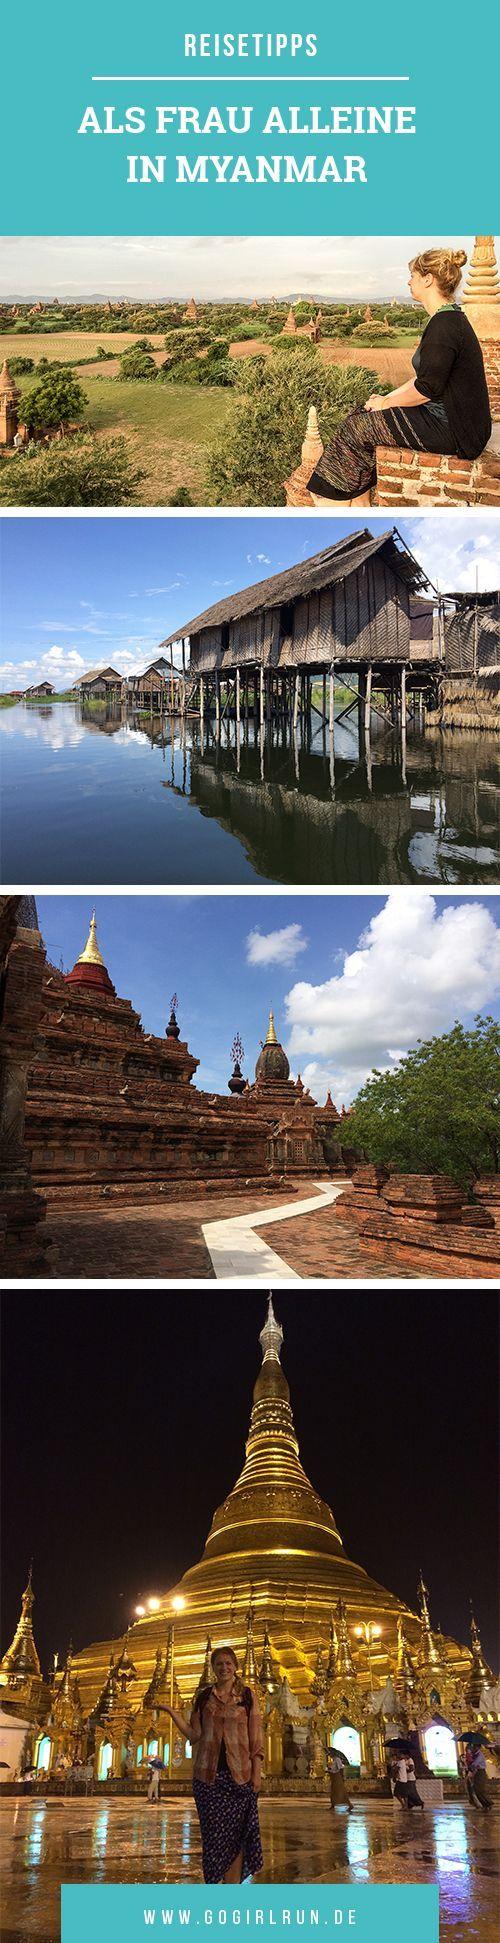 Alleine als Frau in Südostasien reisen: Meine Erfahrungen und Erkenntnisse aus vier Wochen Reisen in Myanmar und Thailand. Reisetipps und Erfahrungen.